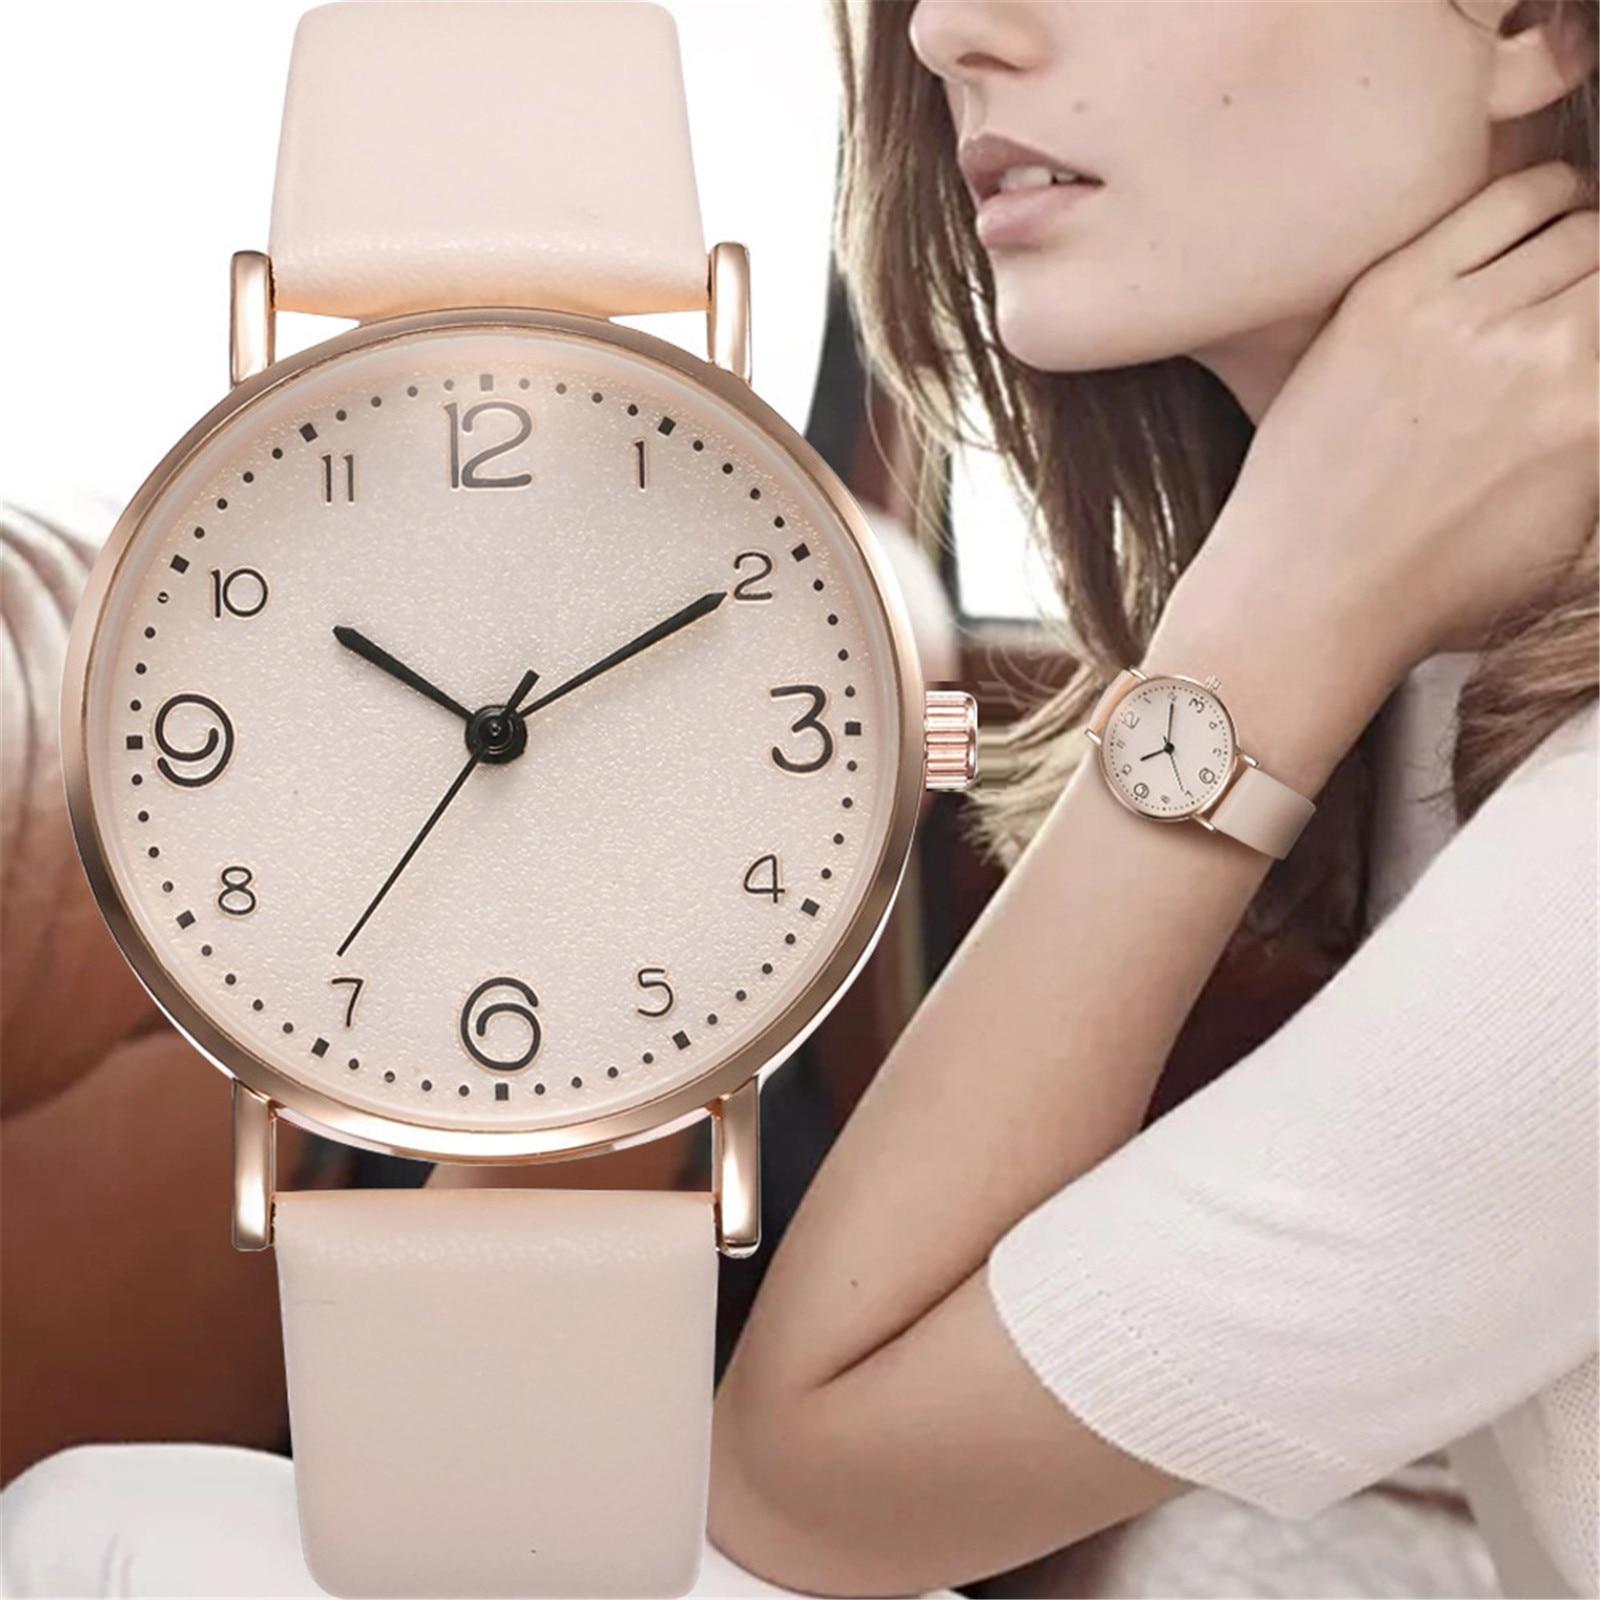 2020 notizie moda donna di lusso orologio Casual rete con stelle decorazione orologio al quarzo per donna Montre Femme Acier insossibile